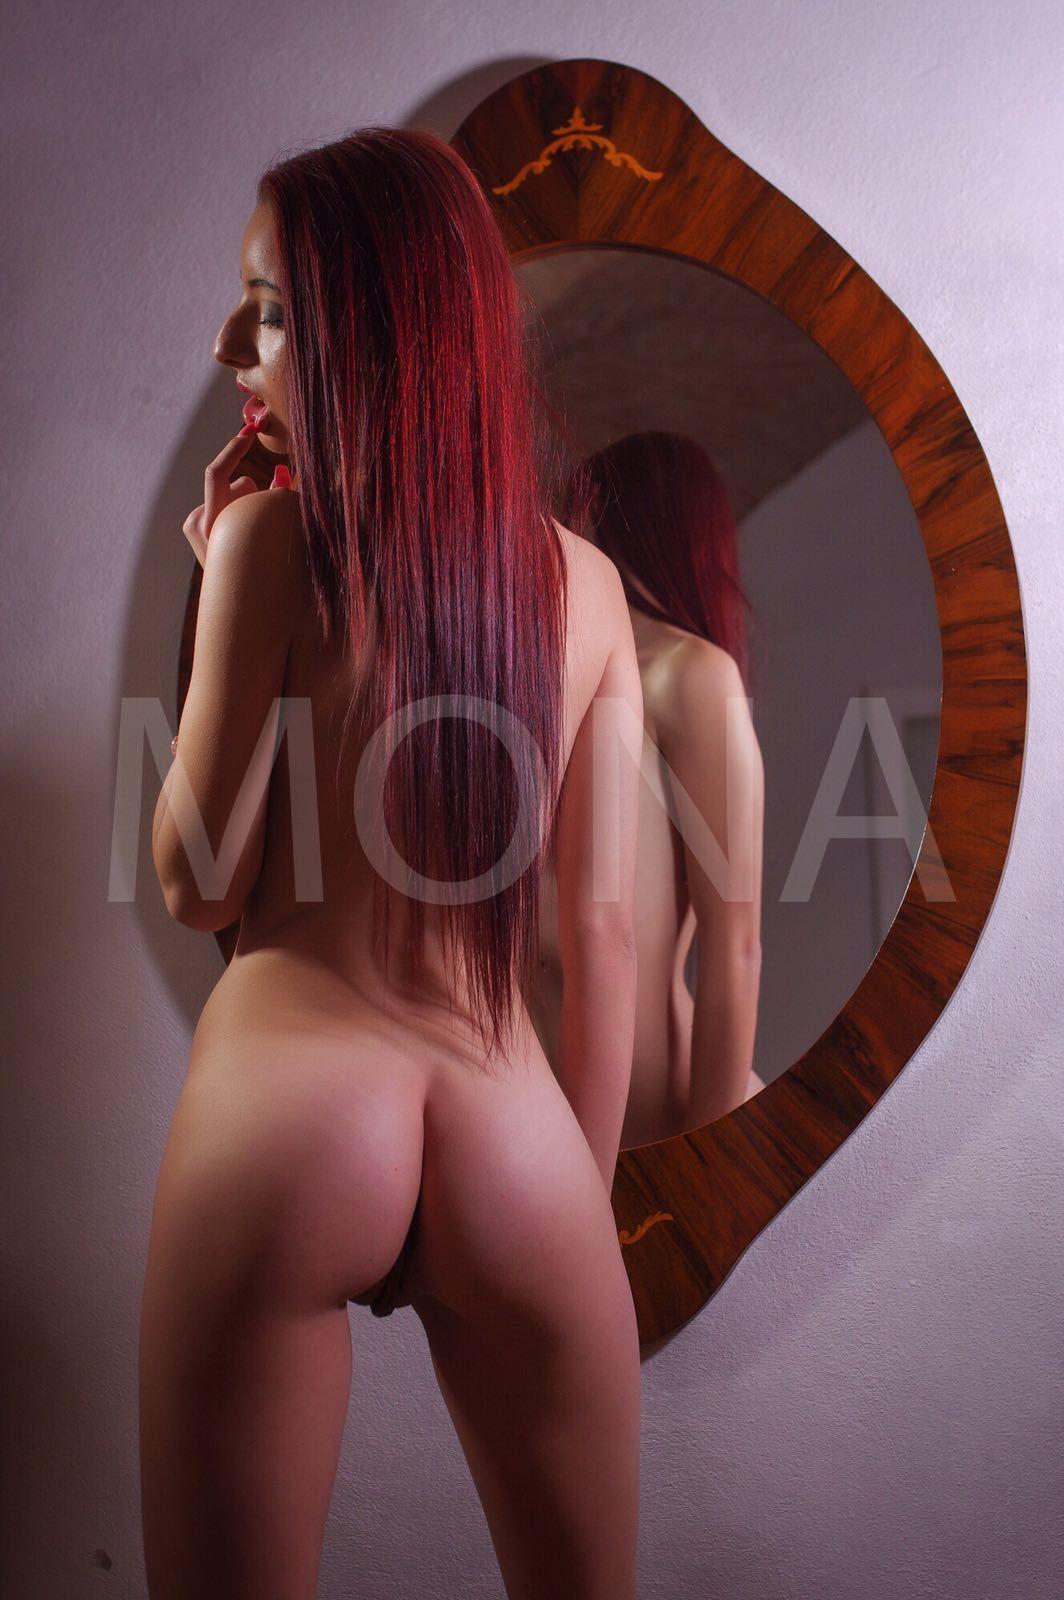 massage 24 brunette pornostjerne